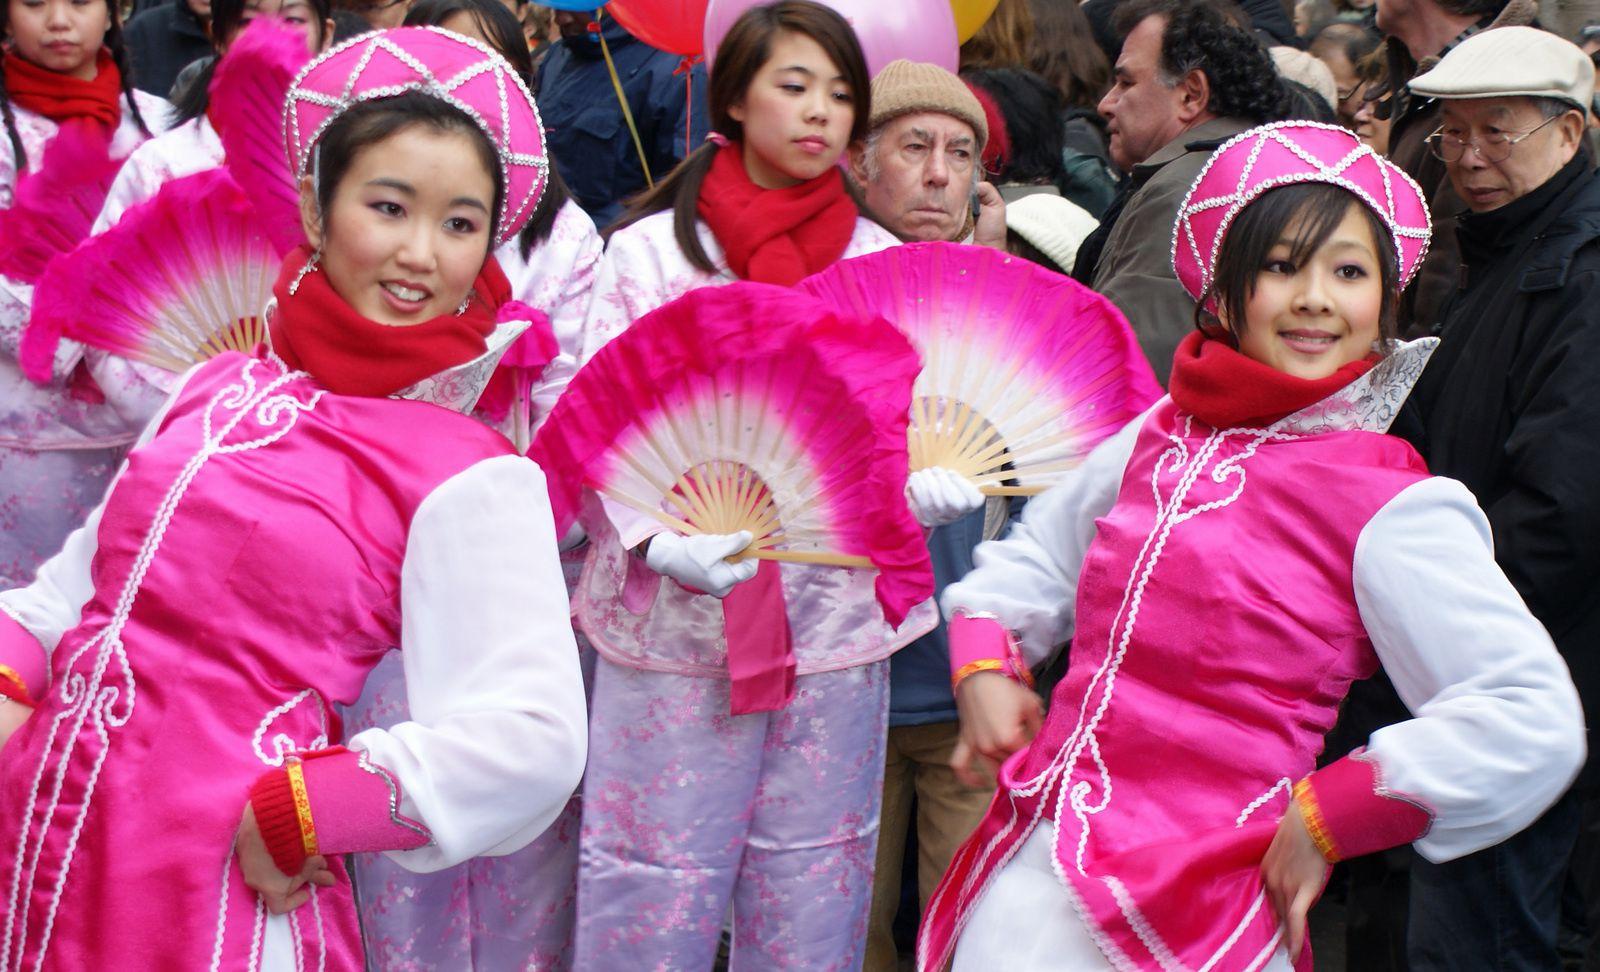 Carnaval Chinois 21 février 2010 Paris 75013